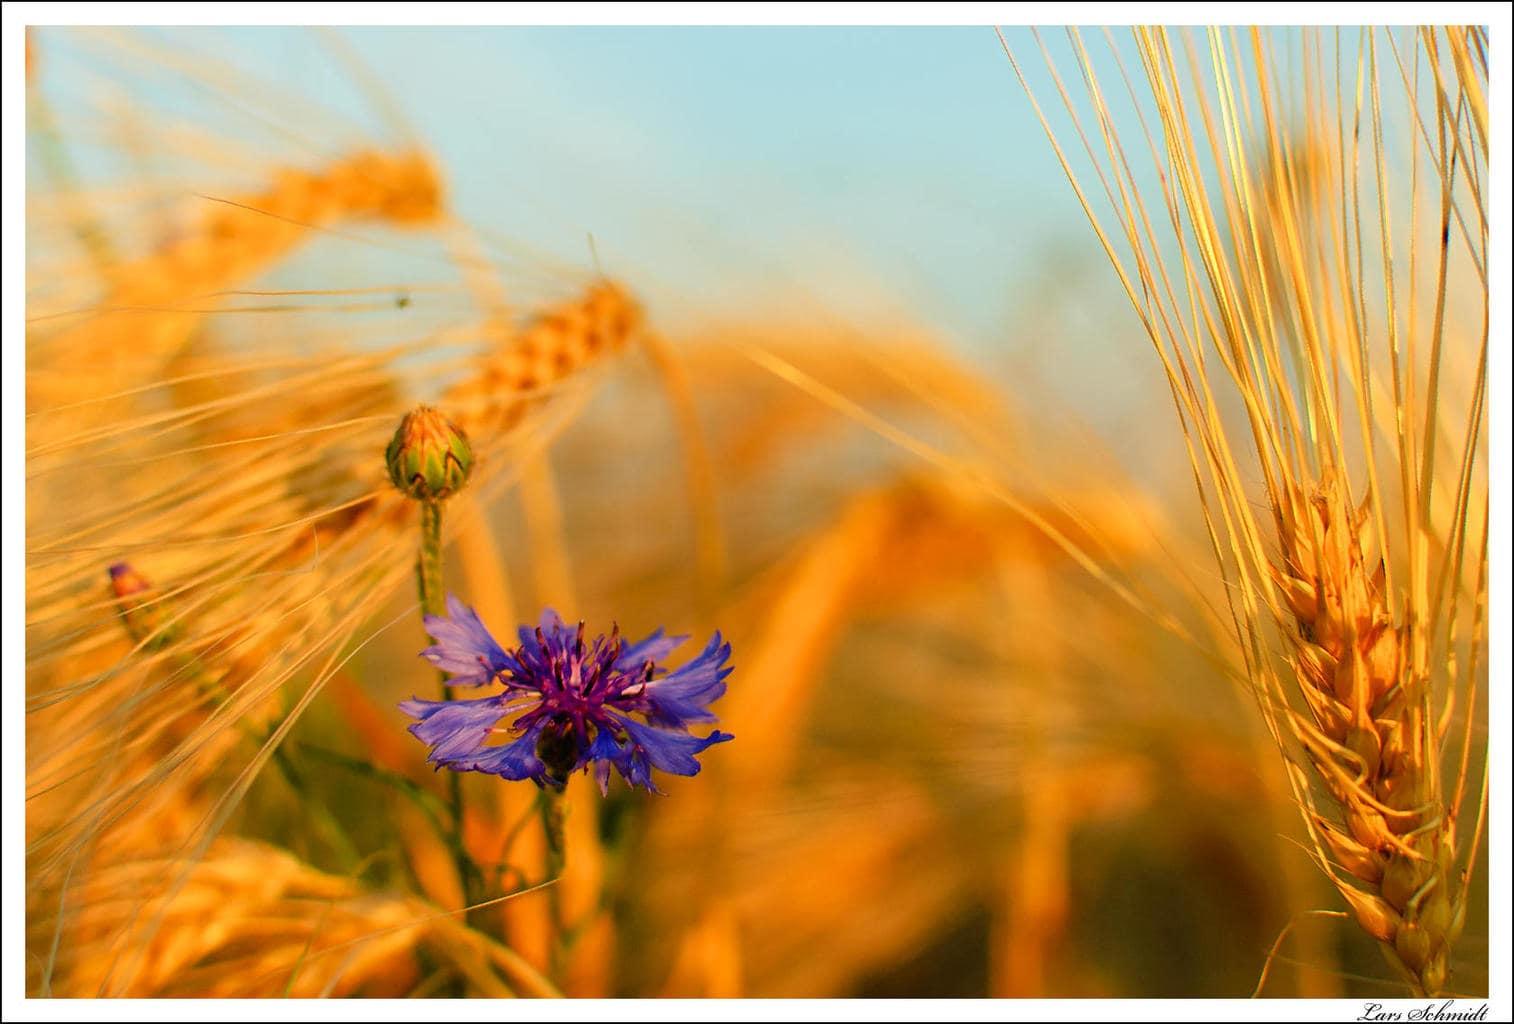 Image prise avec un Nikkor AF-S DX 35 mm f / 1,8